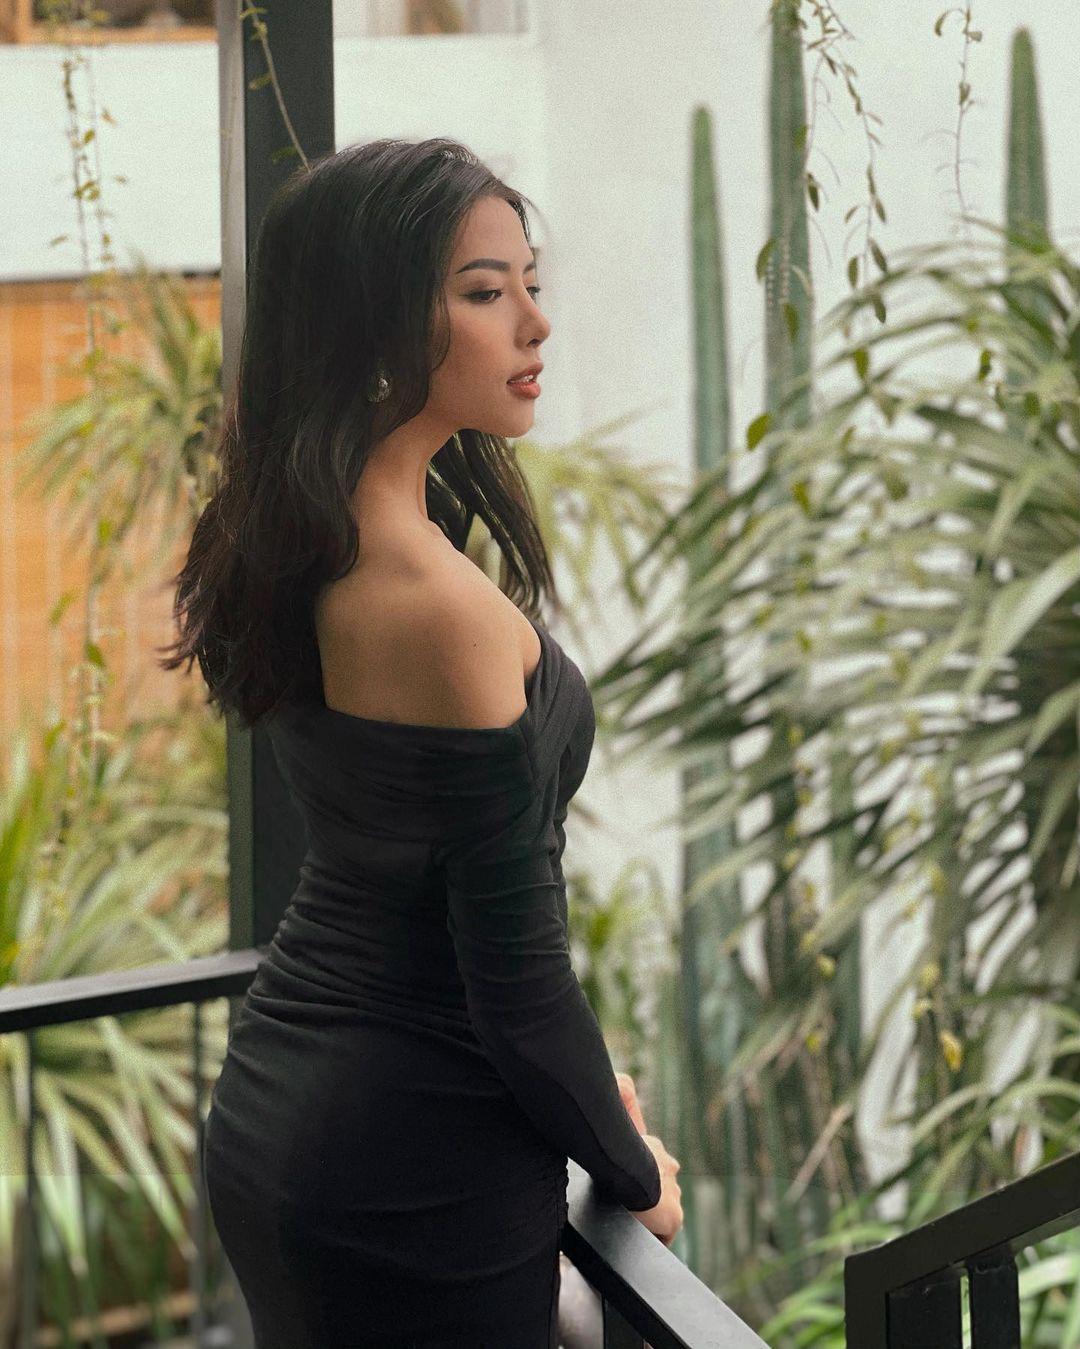 Lên cô dâu xinh đẹp xuất sắc, ngoài đời vợ của Phan Mạnh Quỳnh còn là quý cô hàng hiệu, mỗi ngày diện một chiếc túi xa xỉ đụng hàng cả dàn sao Vbiz - Ảnh 13.